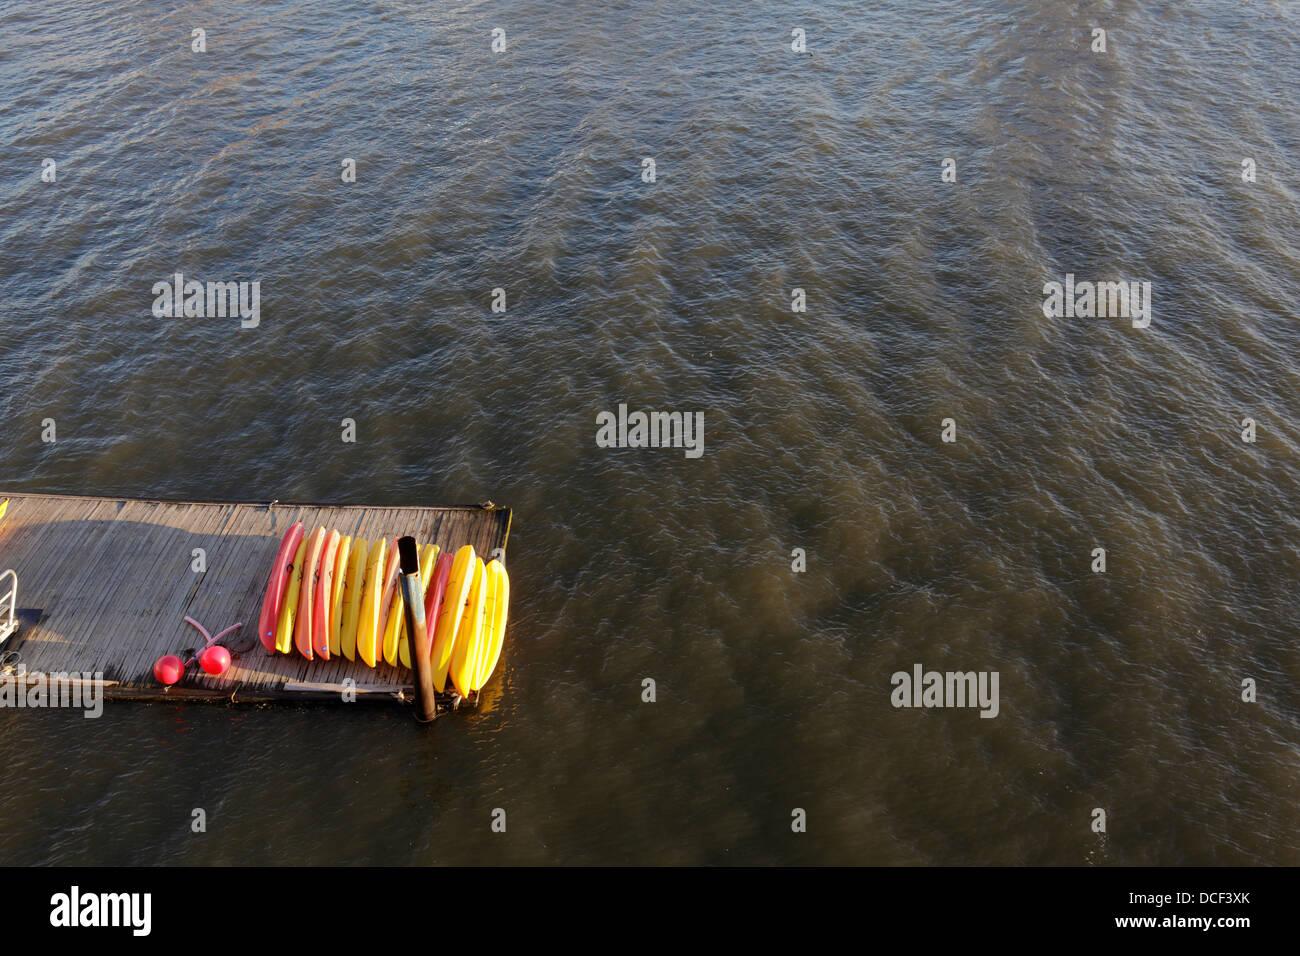 canoe on Hudson River dock - Stock Image